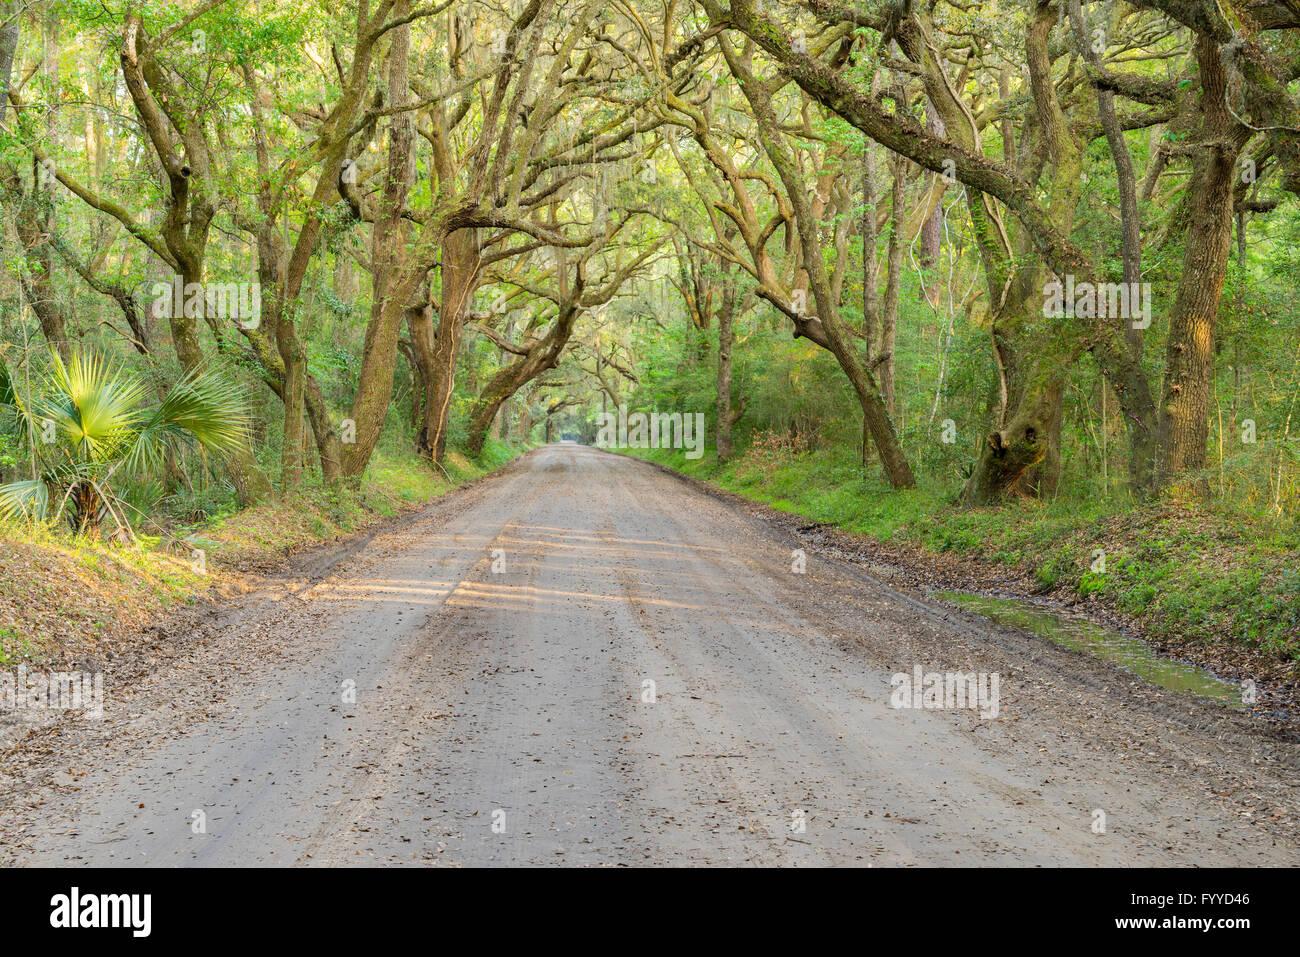 Strada sterrata che passa sotto la tettoia di lecci e lussureggiante vegetazione verde nel profondo sud degli Stati Uniti. Foto Stock